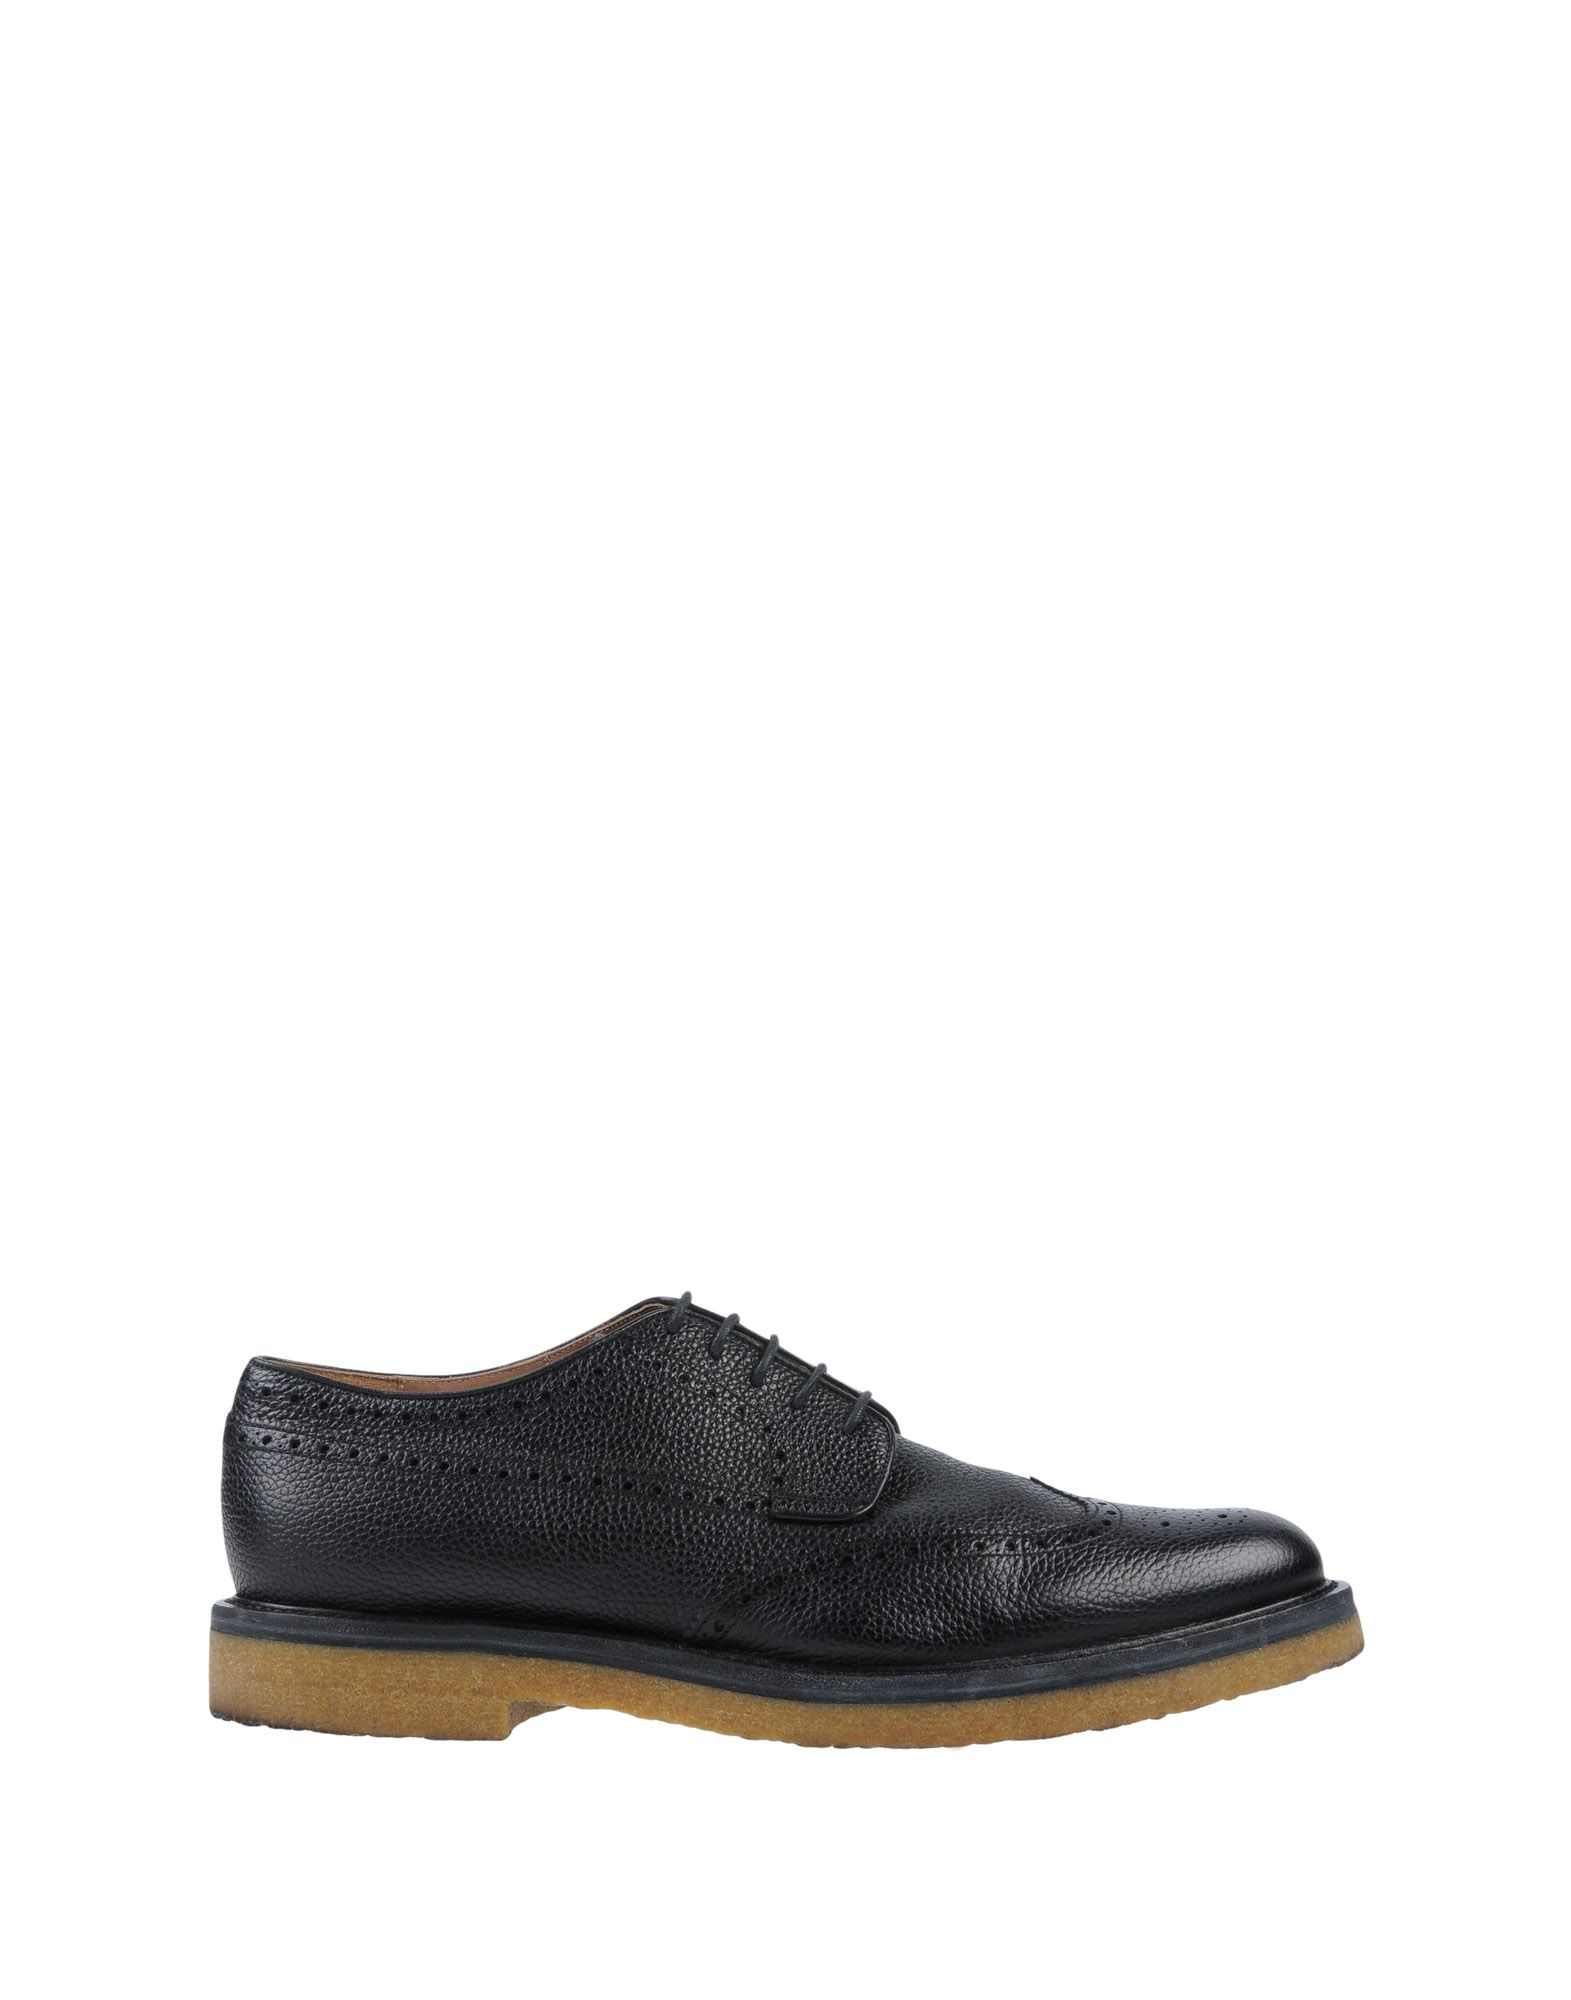 Dries Van Noten Schnürschuhe Herren  11455120MW 11455120MW 11455120MW Gute Qualität beliebte Schuhe 52973d